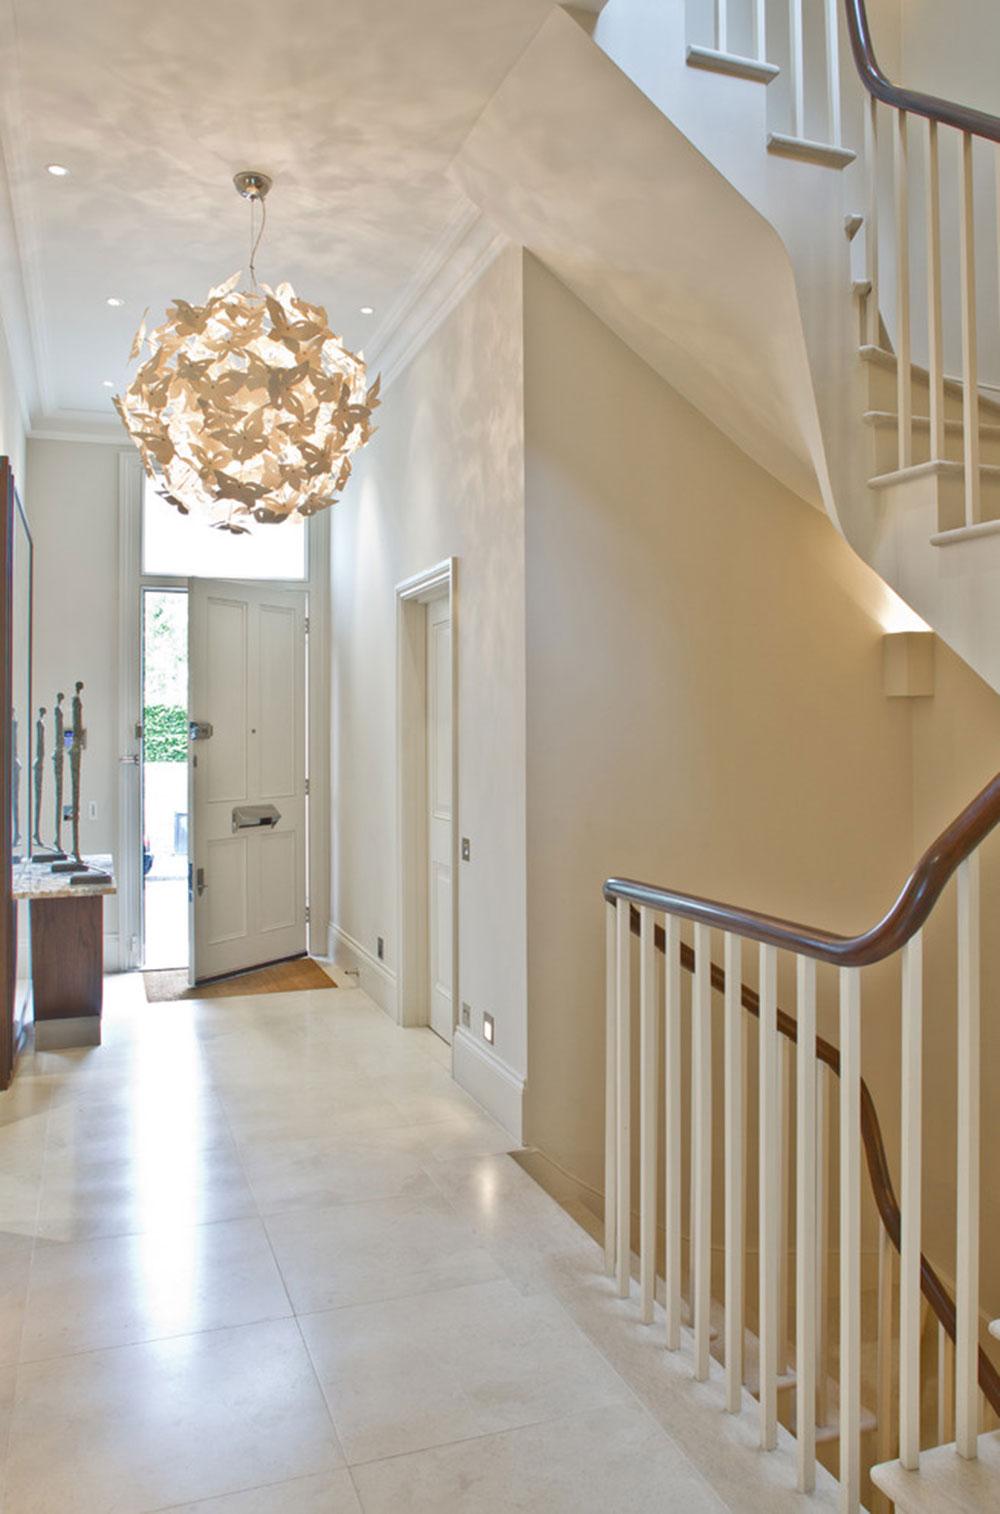 Interiör-belysning-design-för-hus-15 Interiör-belysning design för hus